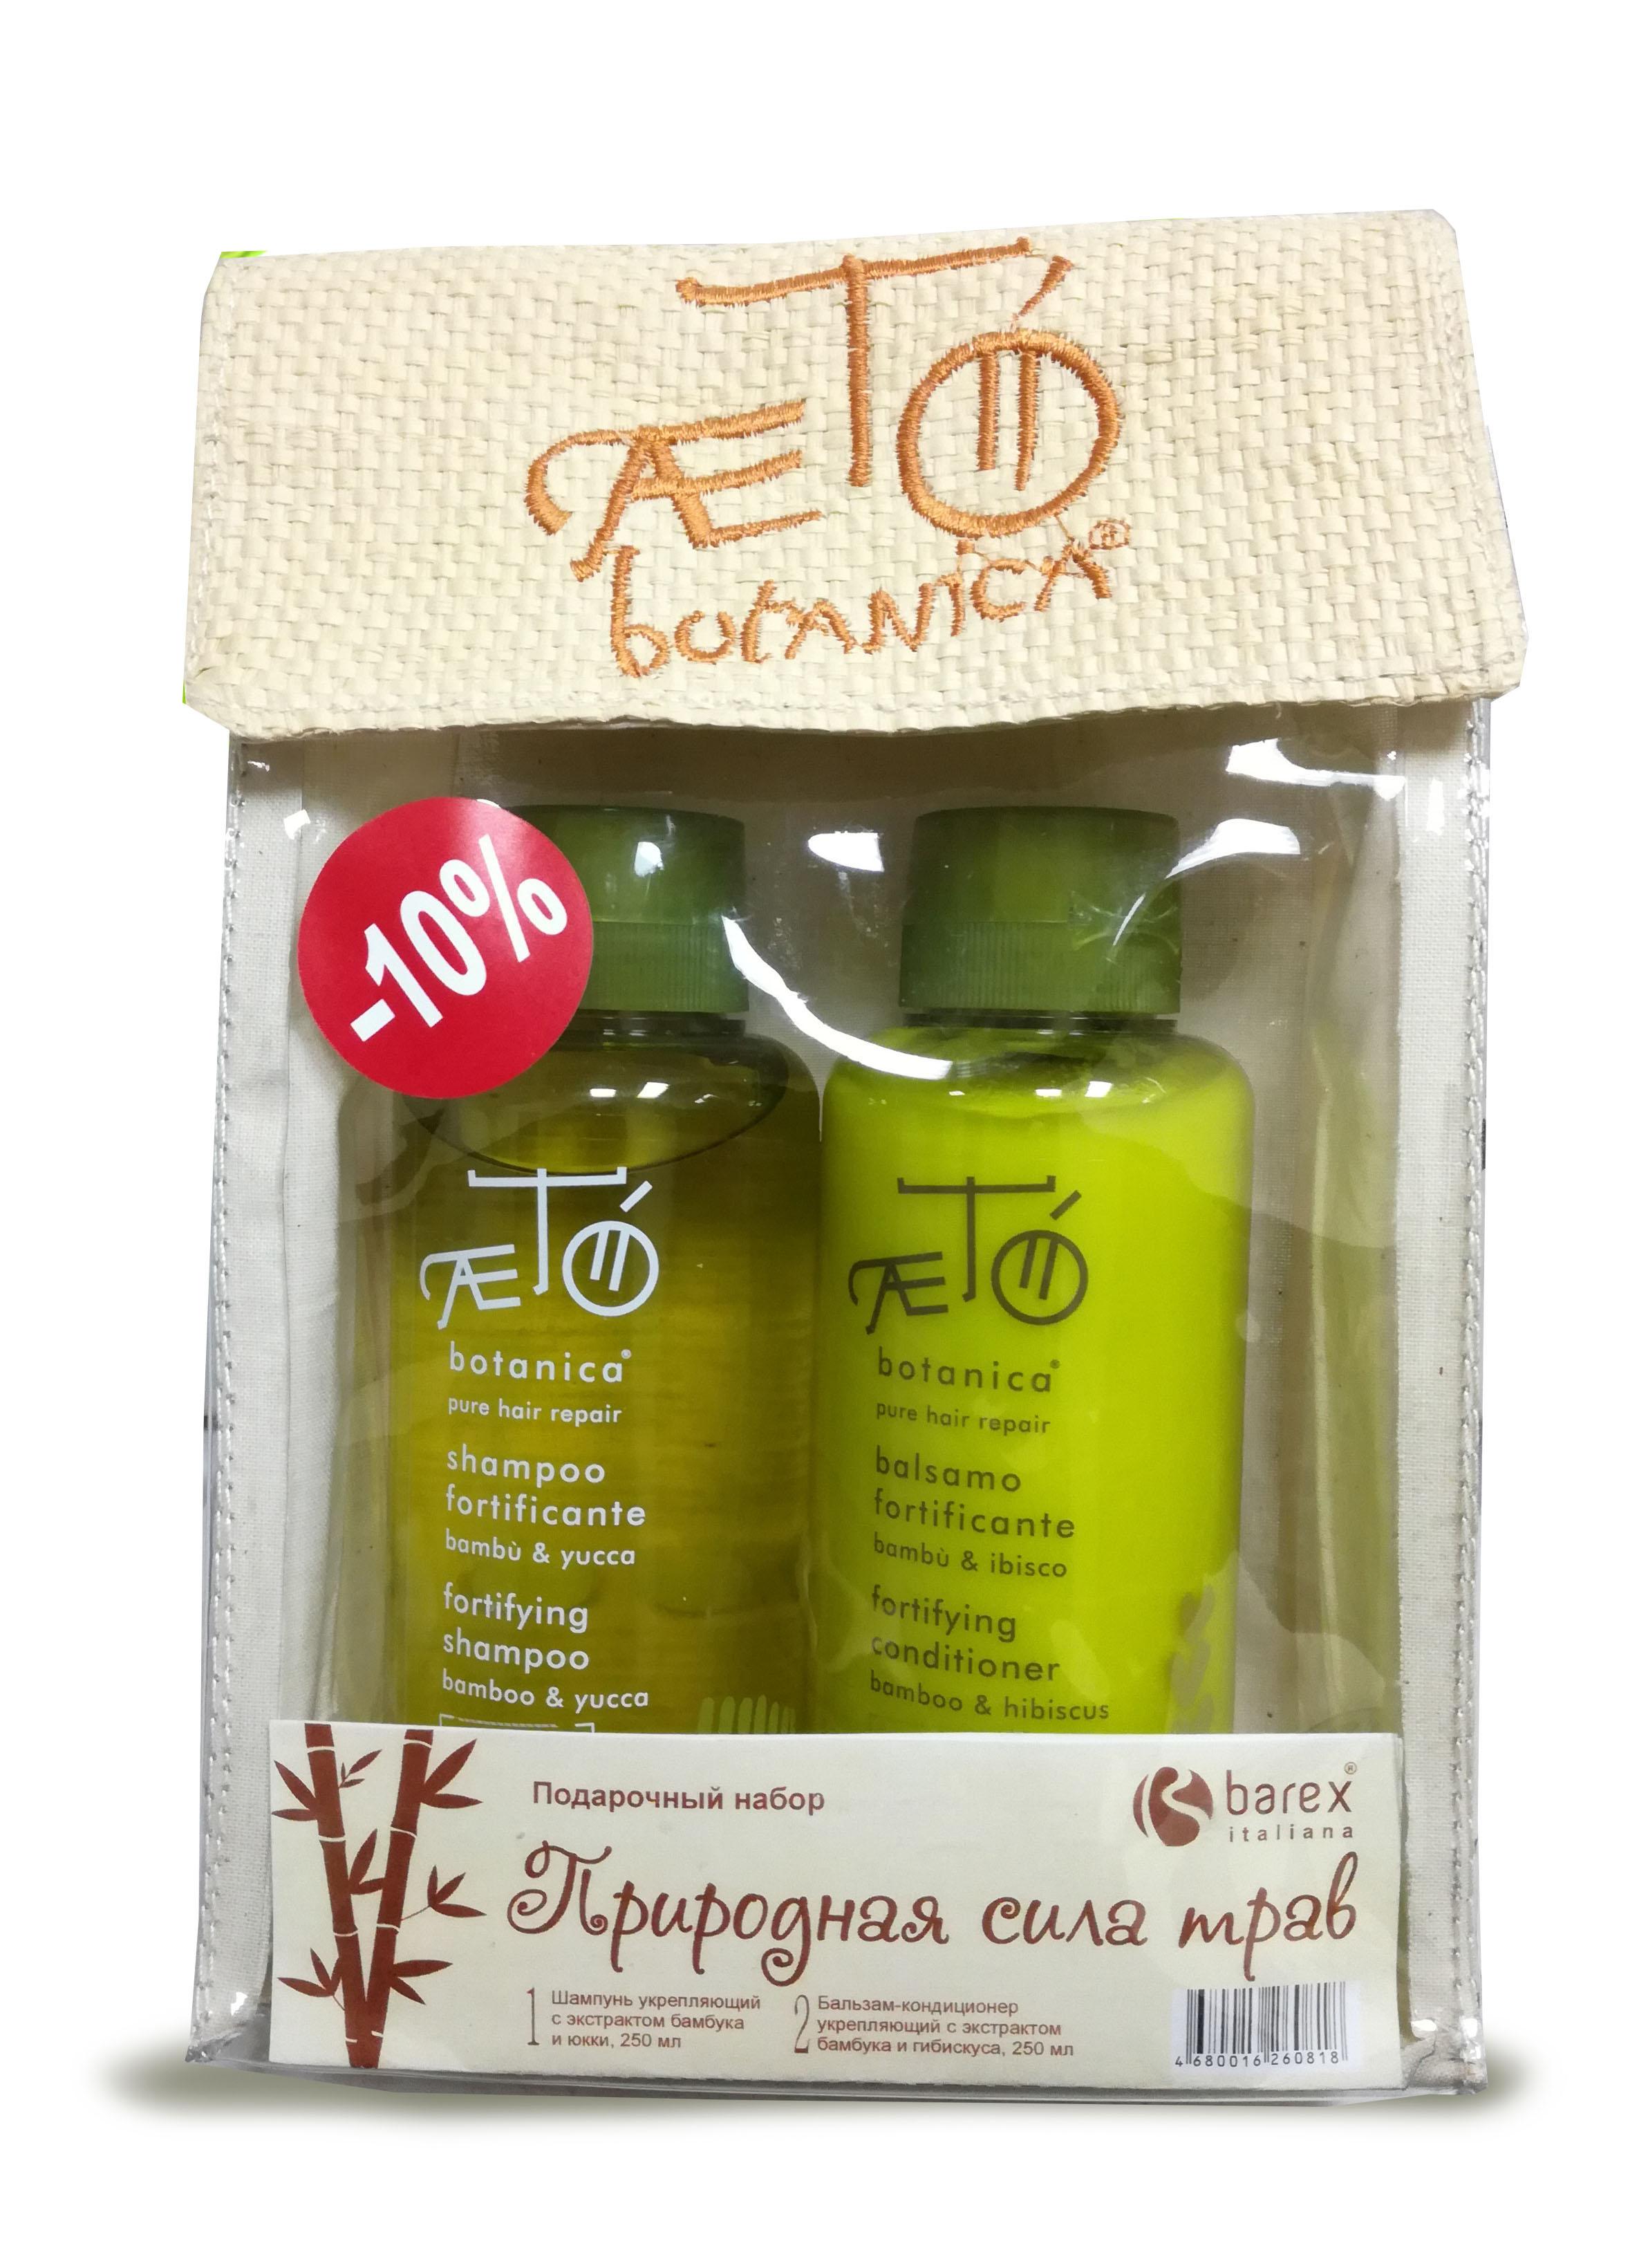 BAREX Набор для волос Природная сила трав (шампунь 250 мл + бальзам 250 мл) / AETO